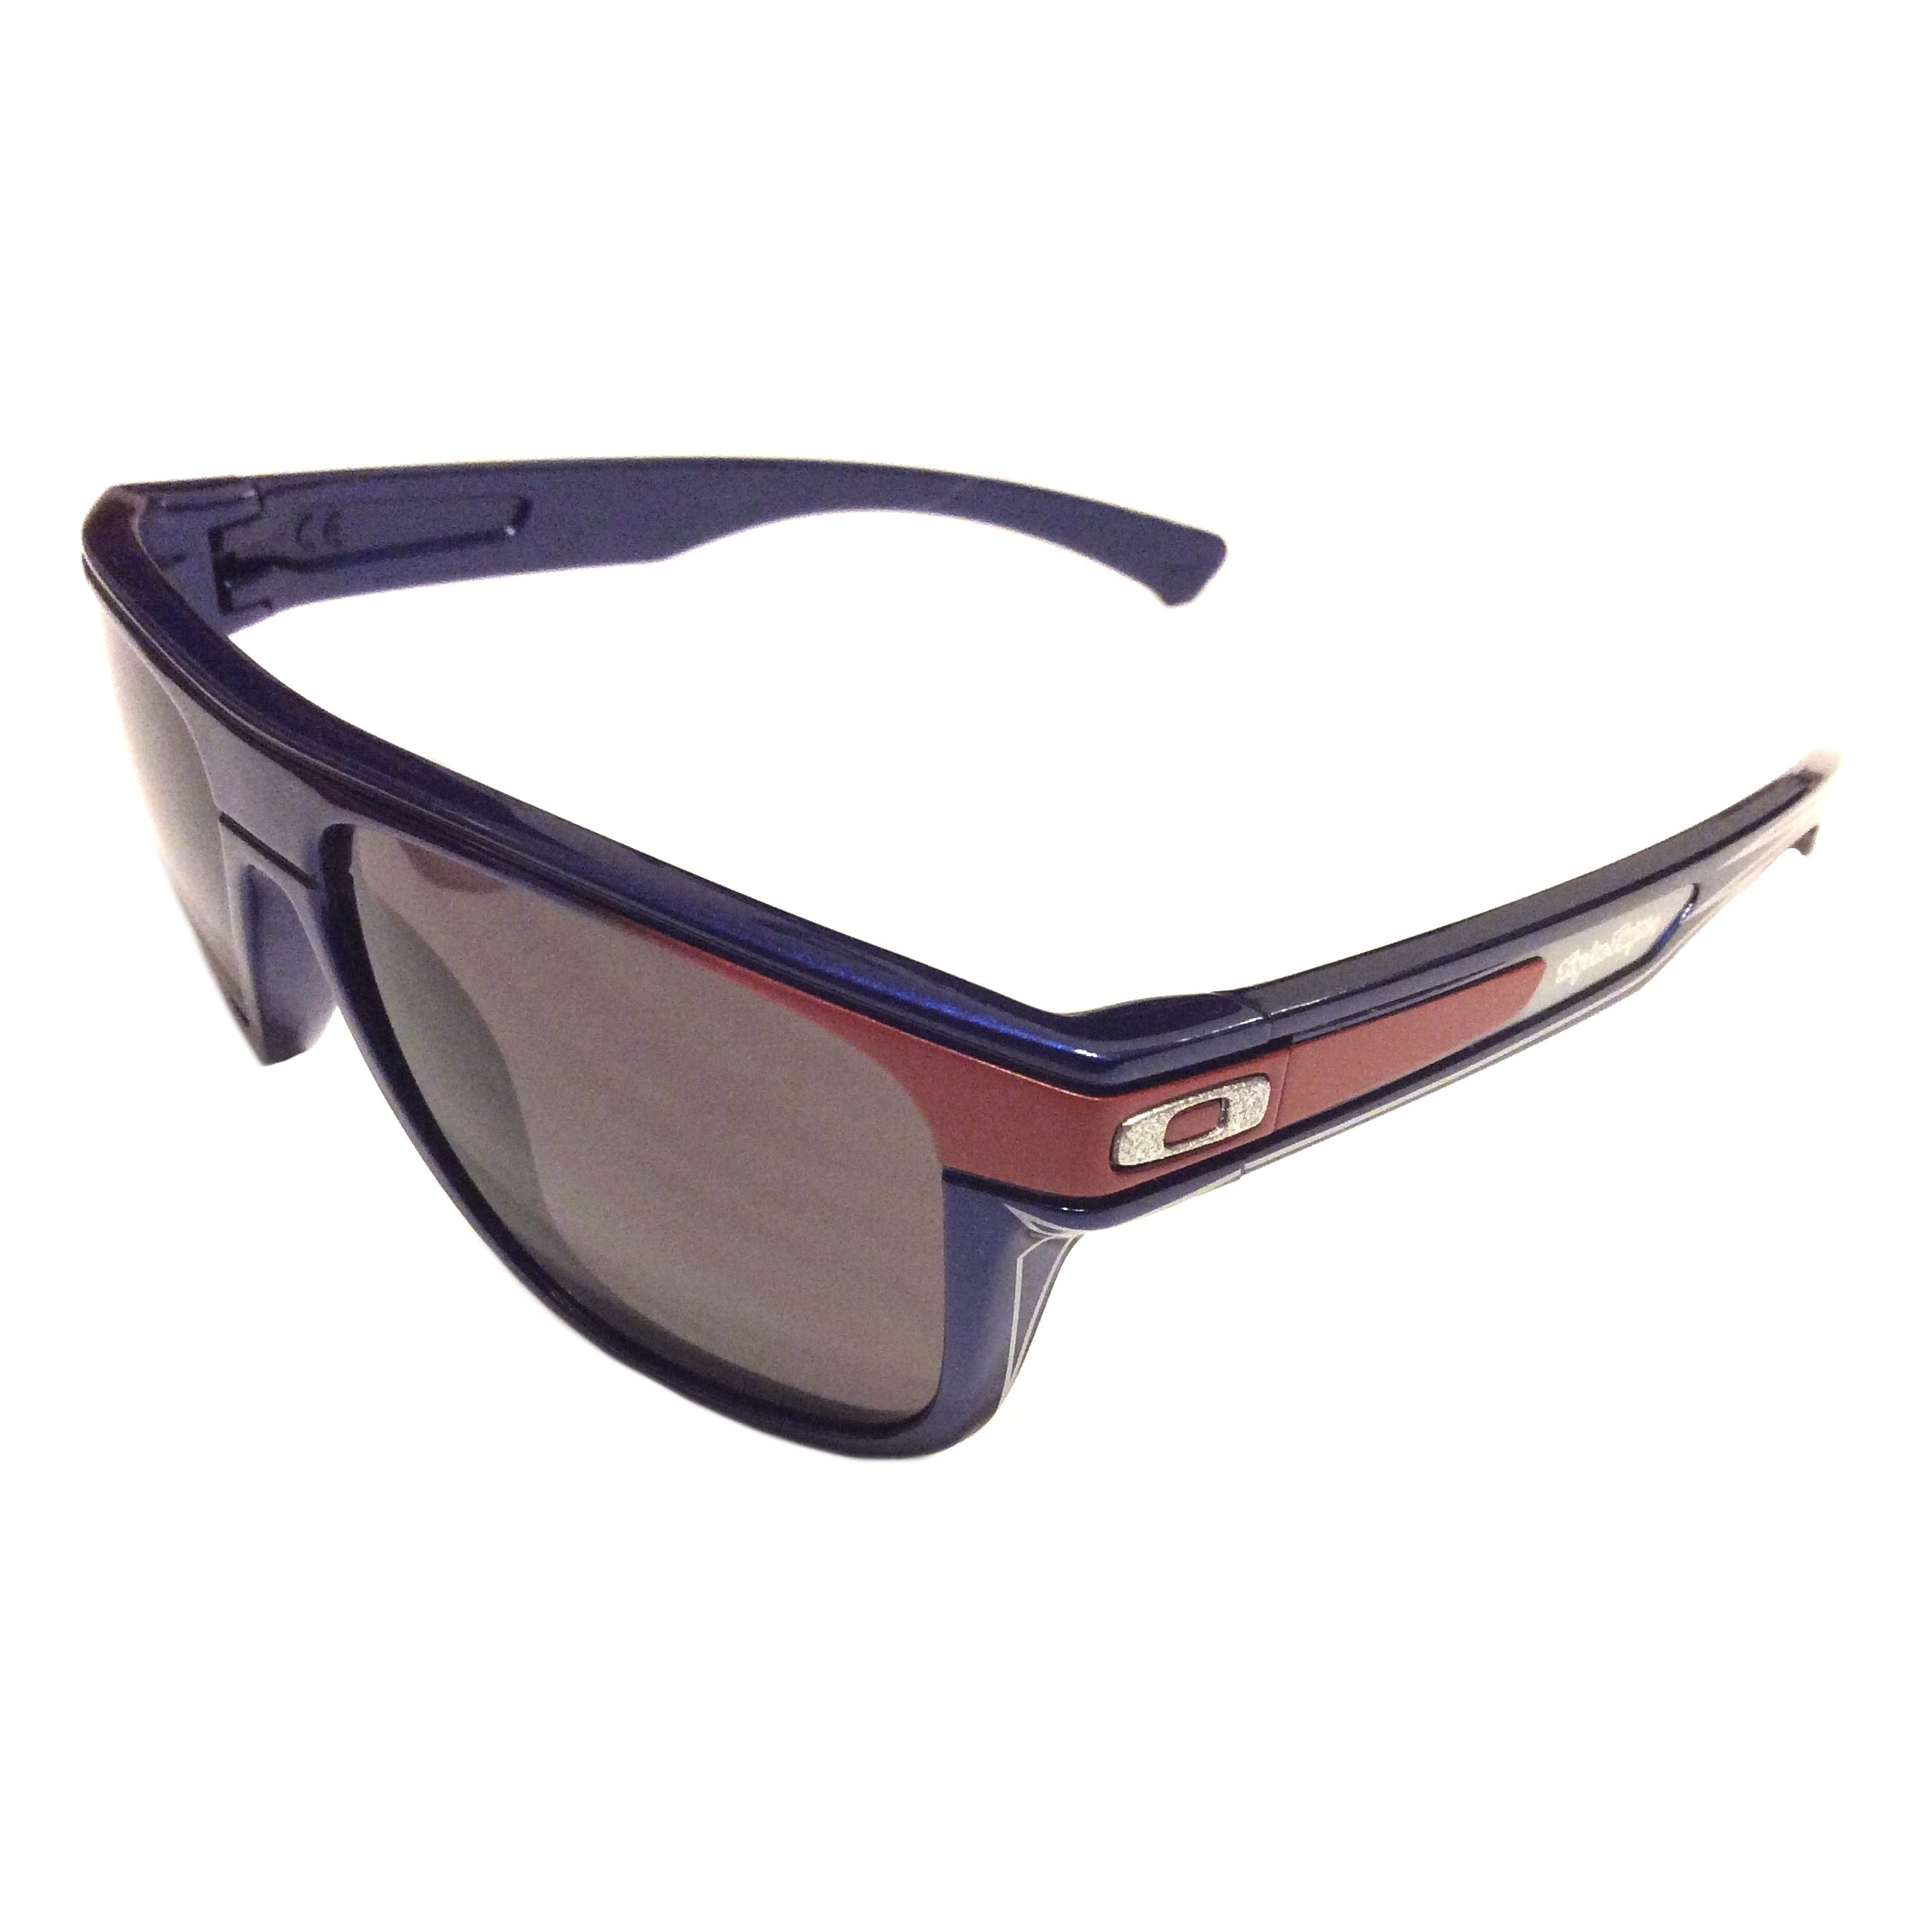 6066730c7f Oakley Electric Sunglasses « Heritage Malta